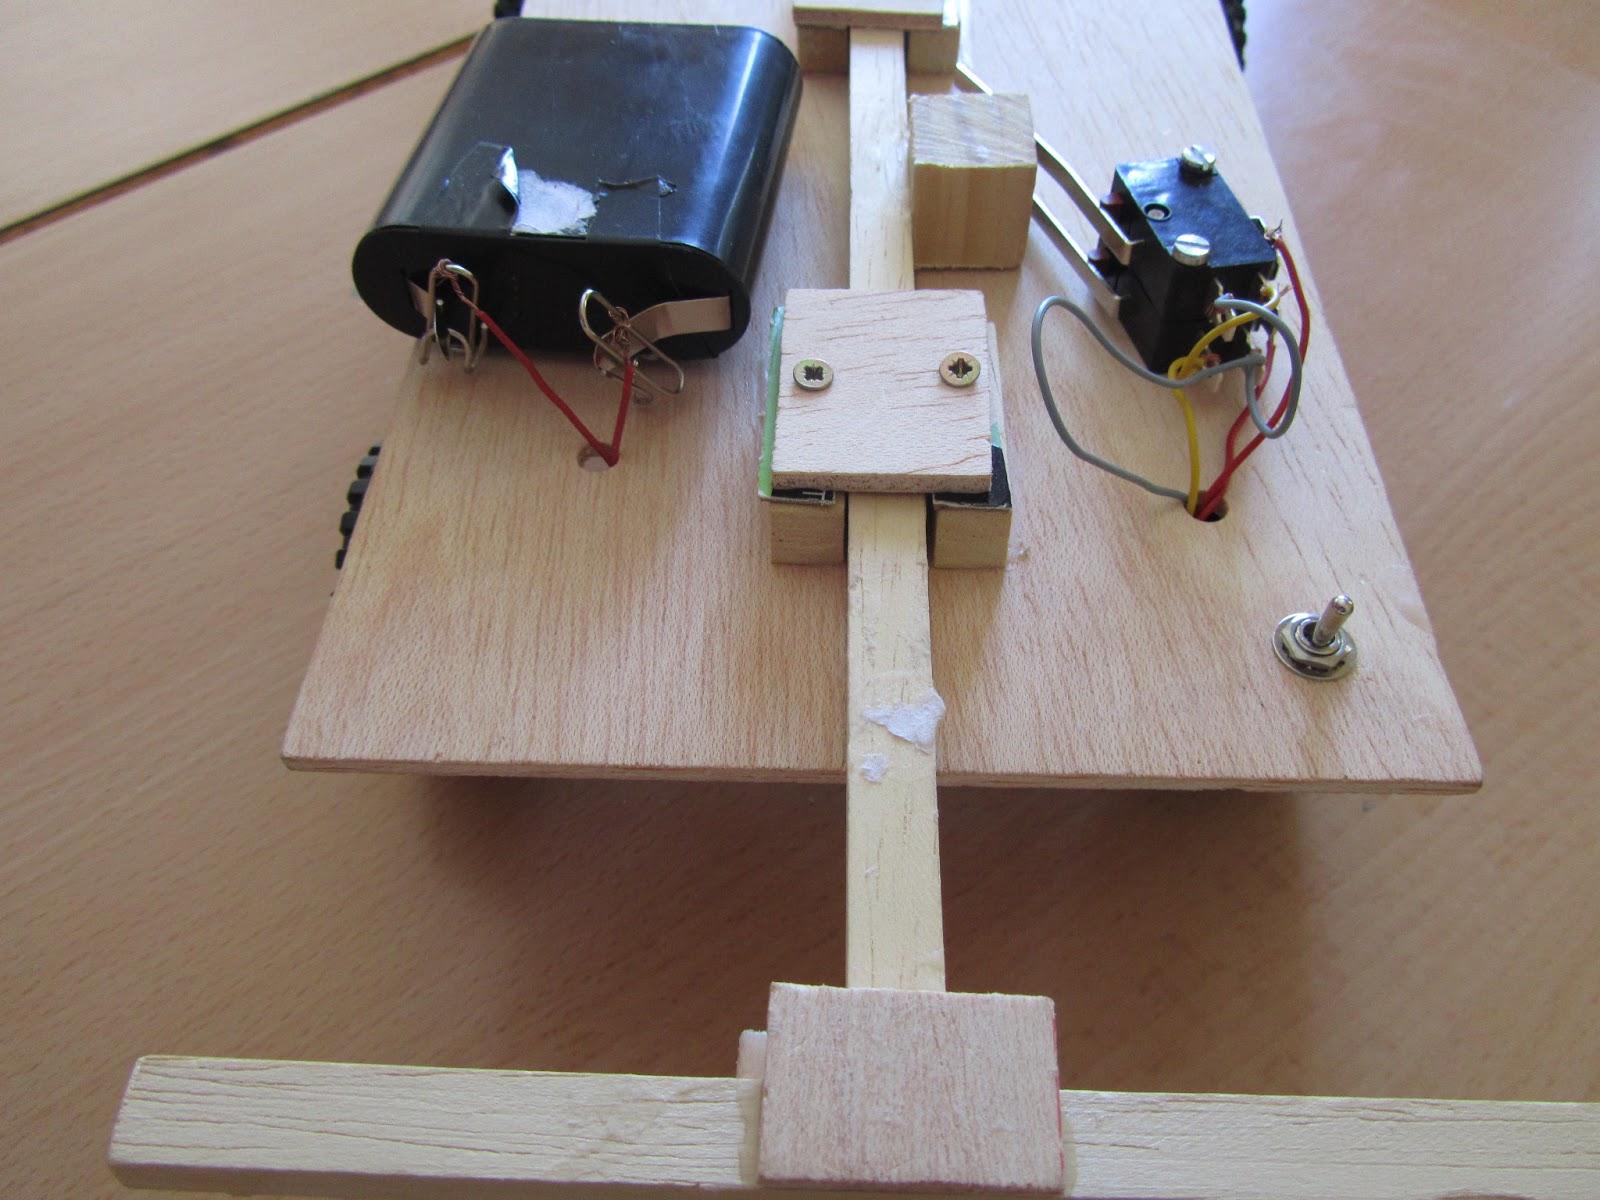 Tecnolog A Escolar E S O Proyecto Telef Rico Rebotador